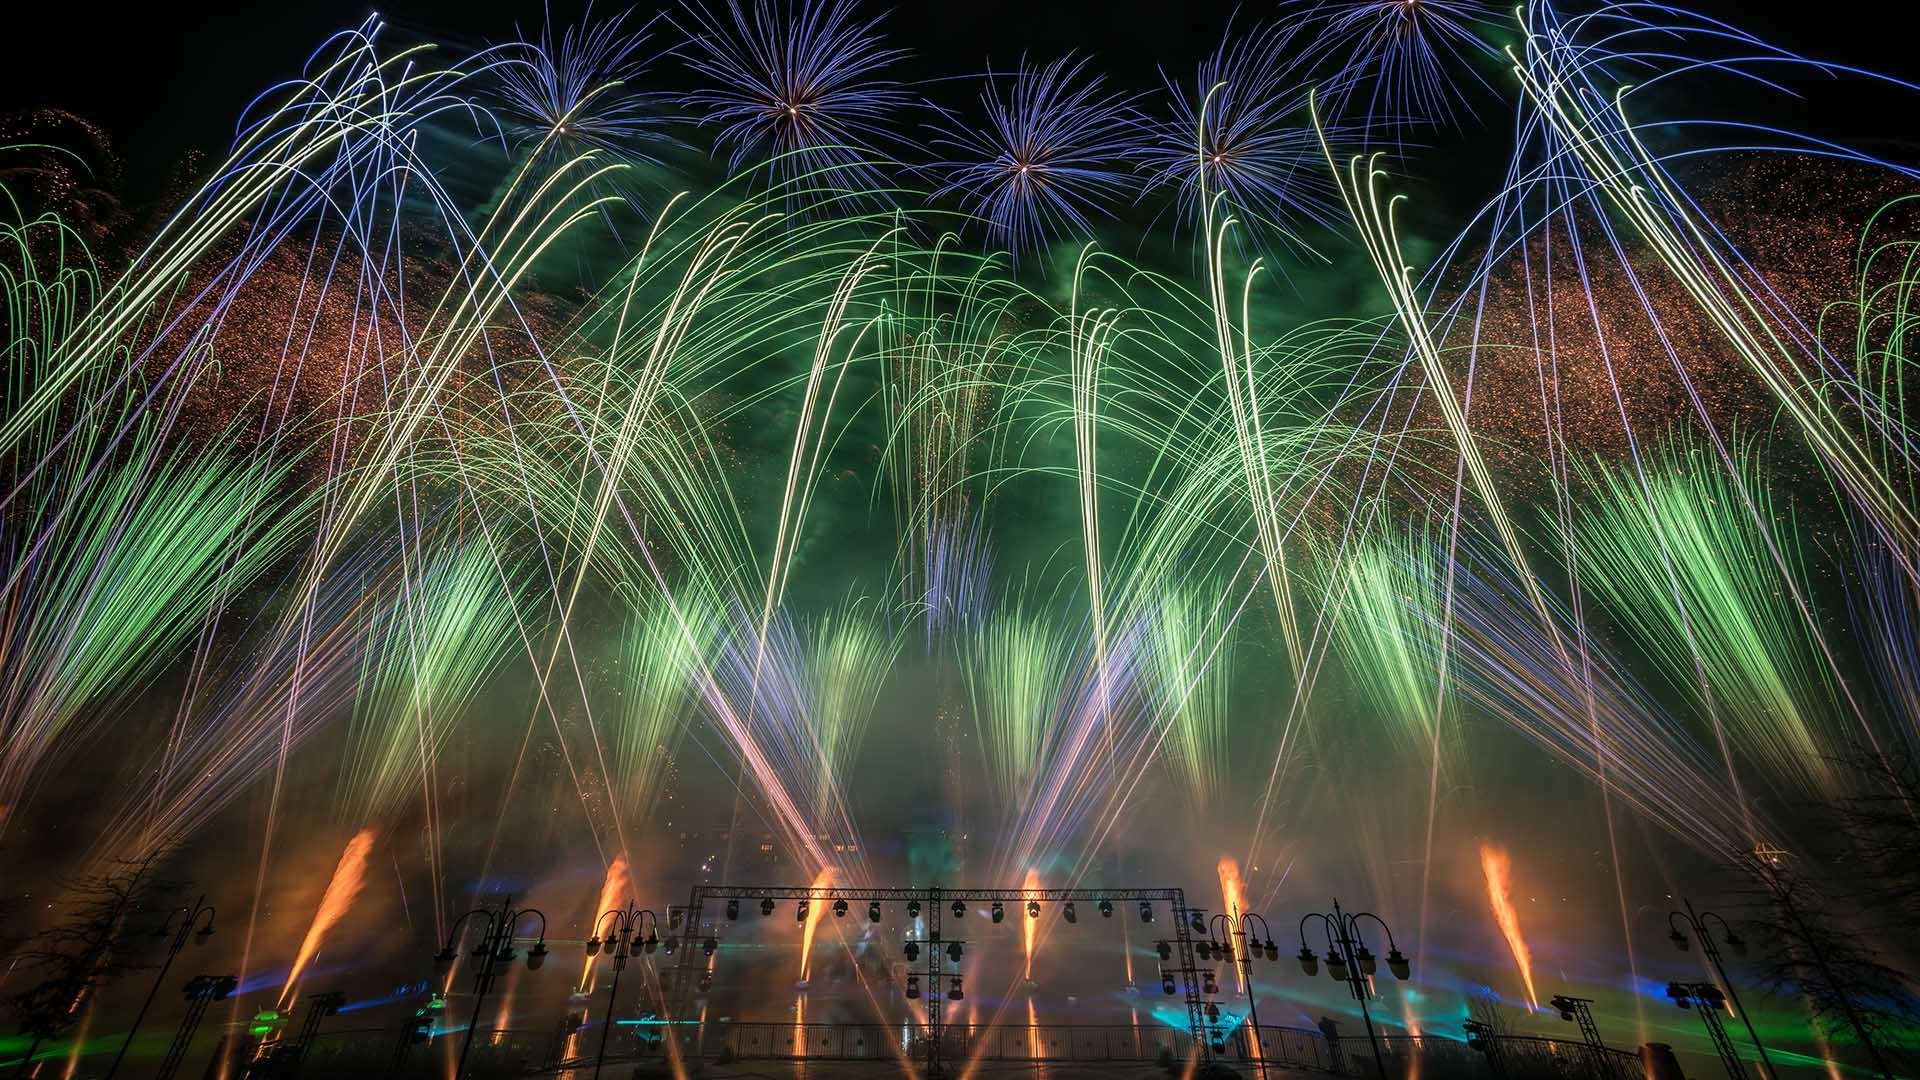 feu d'artifice sur le lac de disney village de couleur vert et bleu